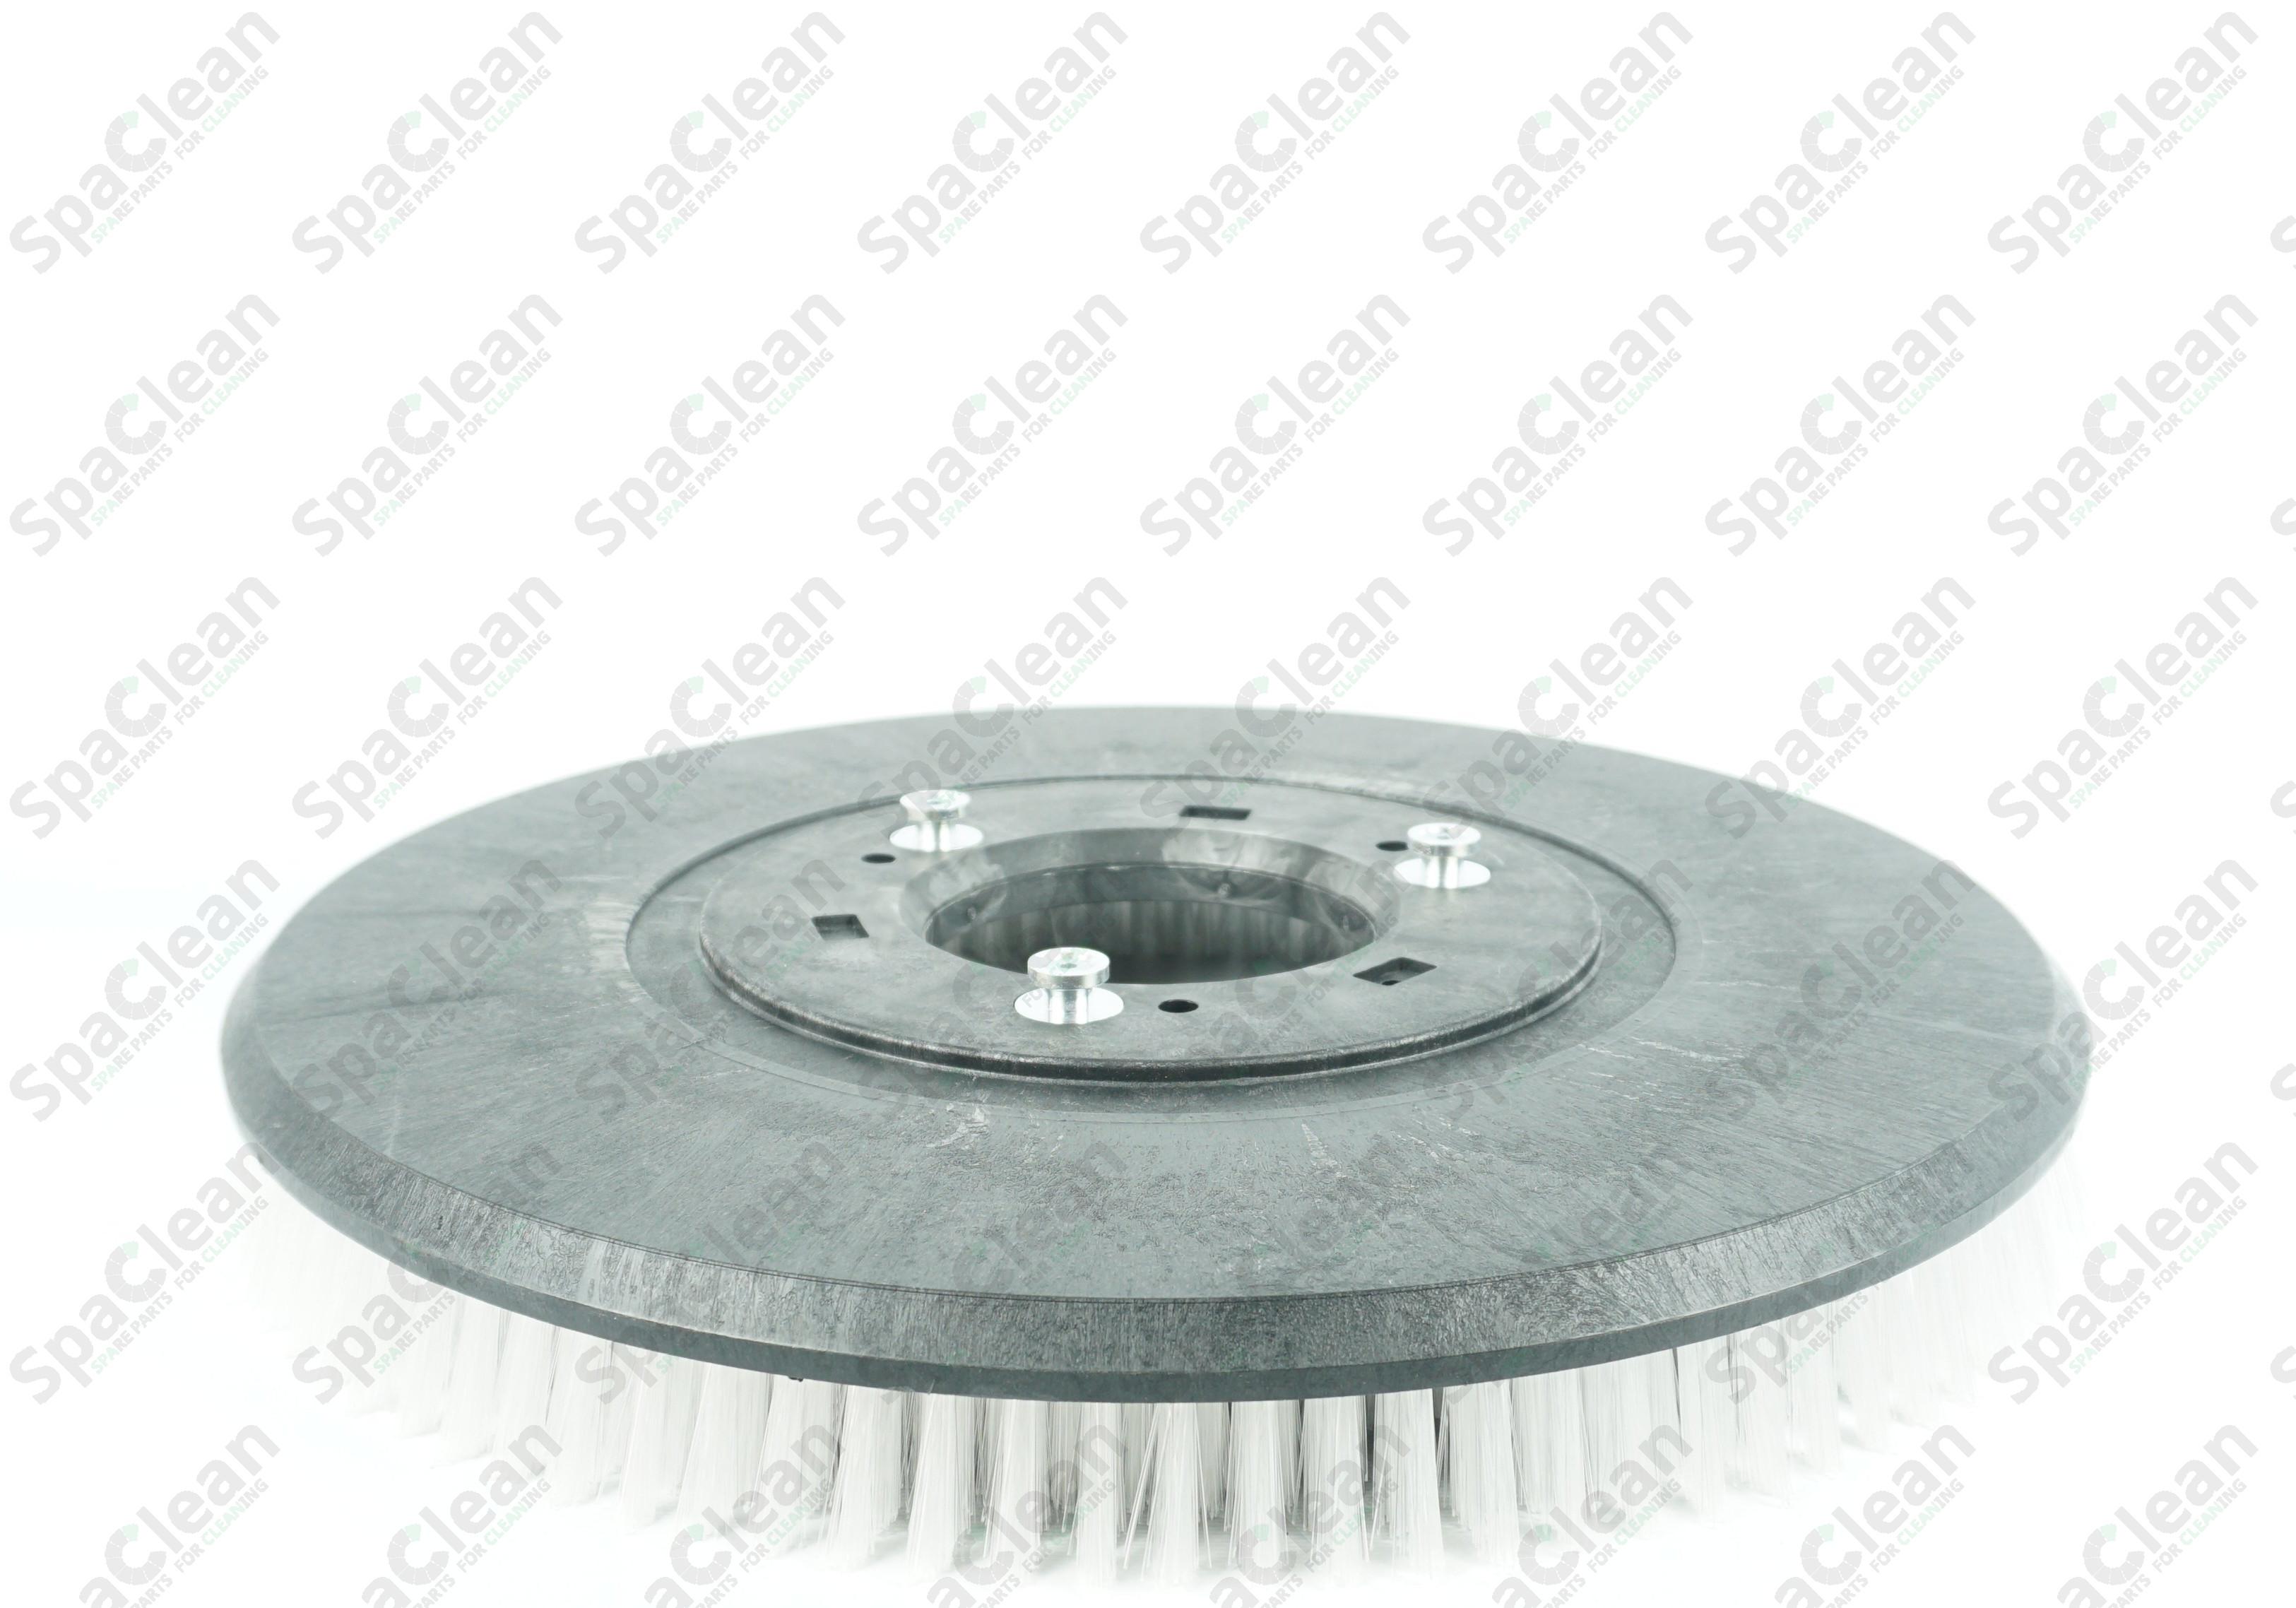 405631 Щетка дисковая 495мм Полипропилен